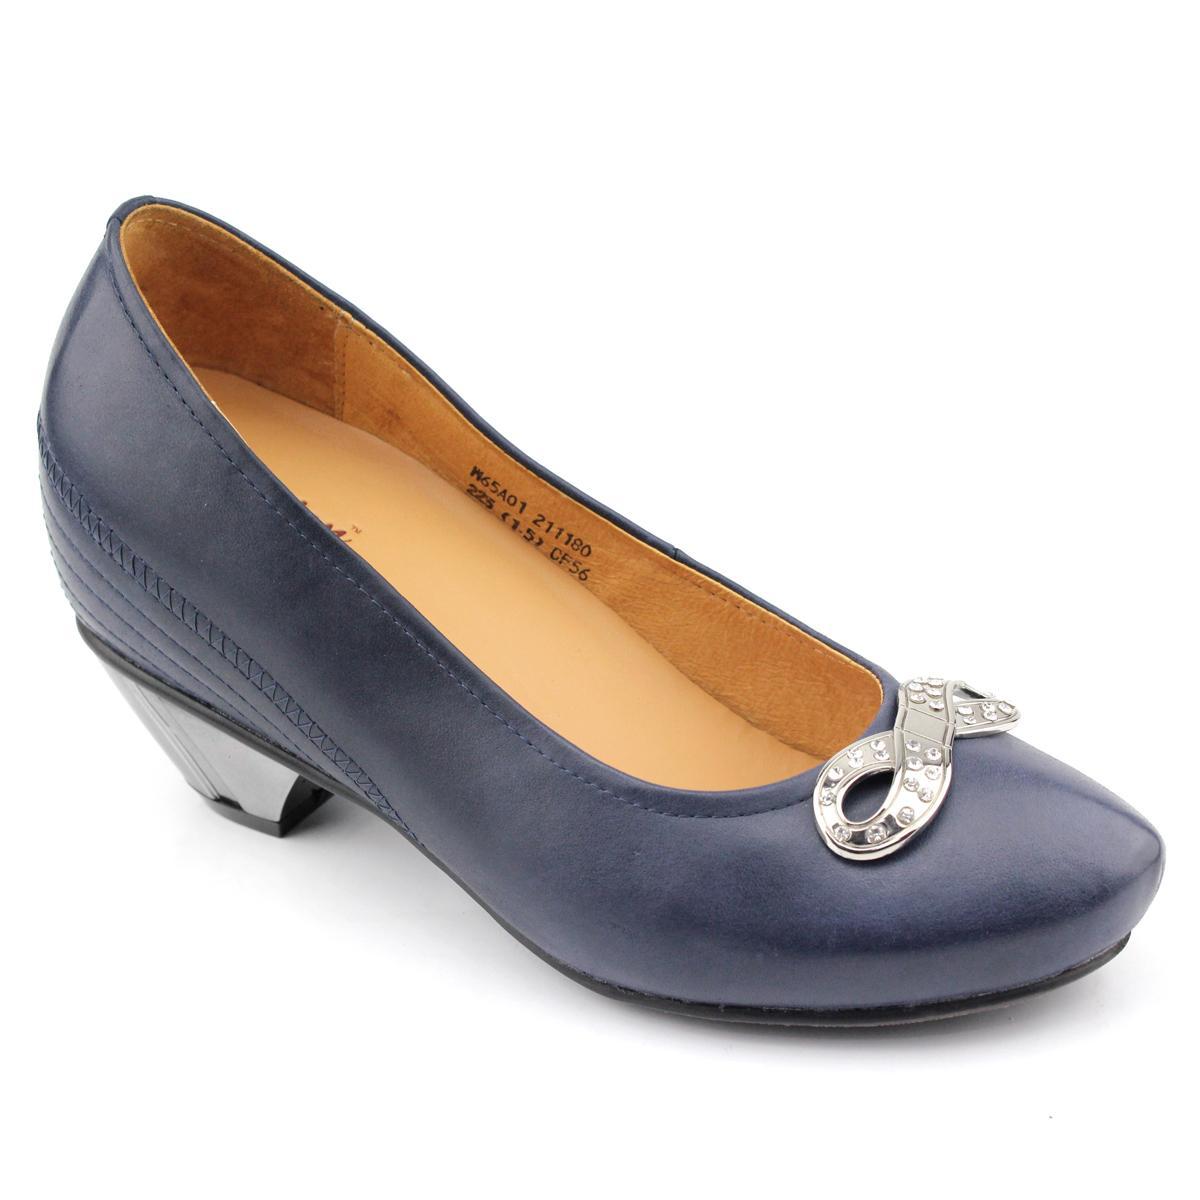 女士增高鞋 内增高单鞋 内增高8cm 蓝色 商品货号:w65a01【赫升】